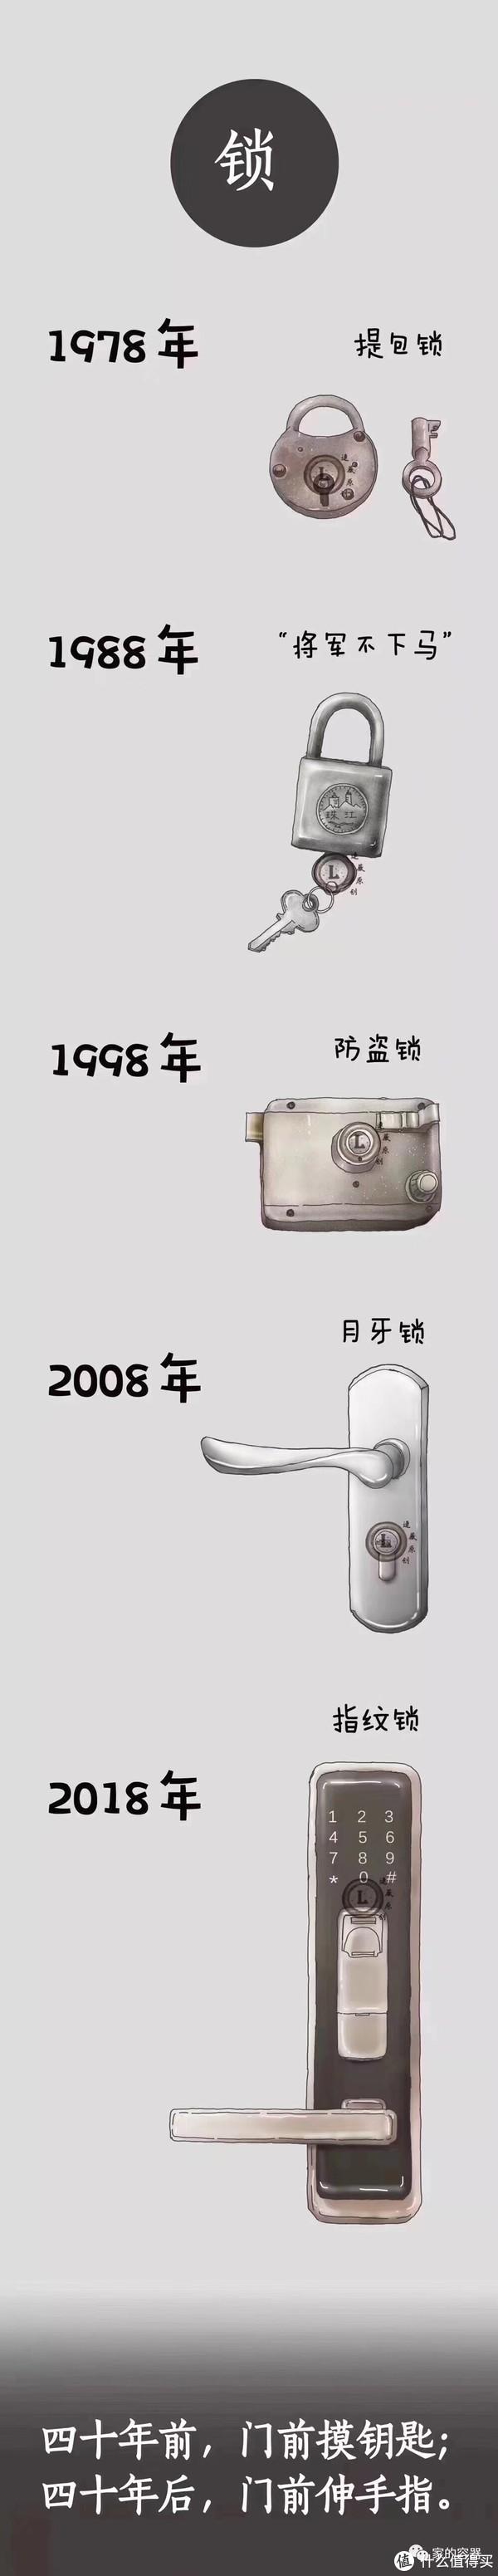 门锁的历史